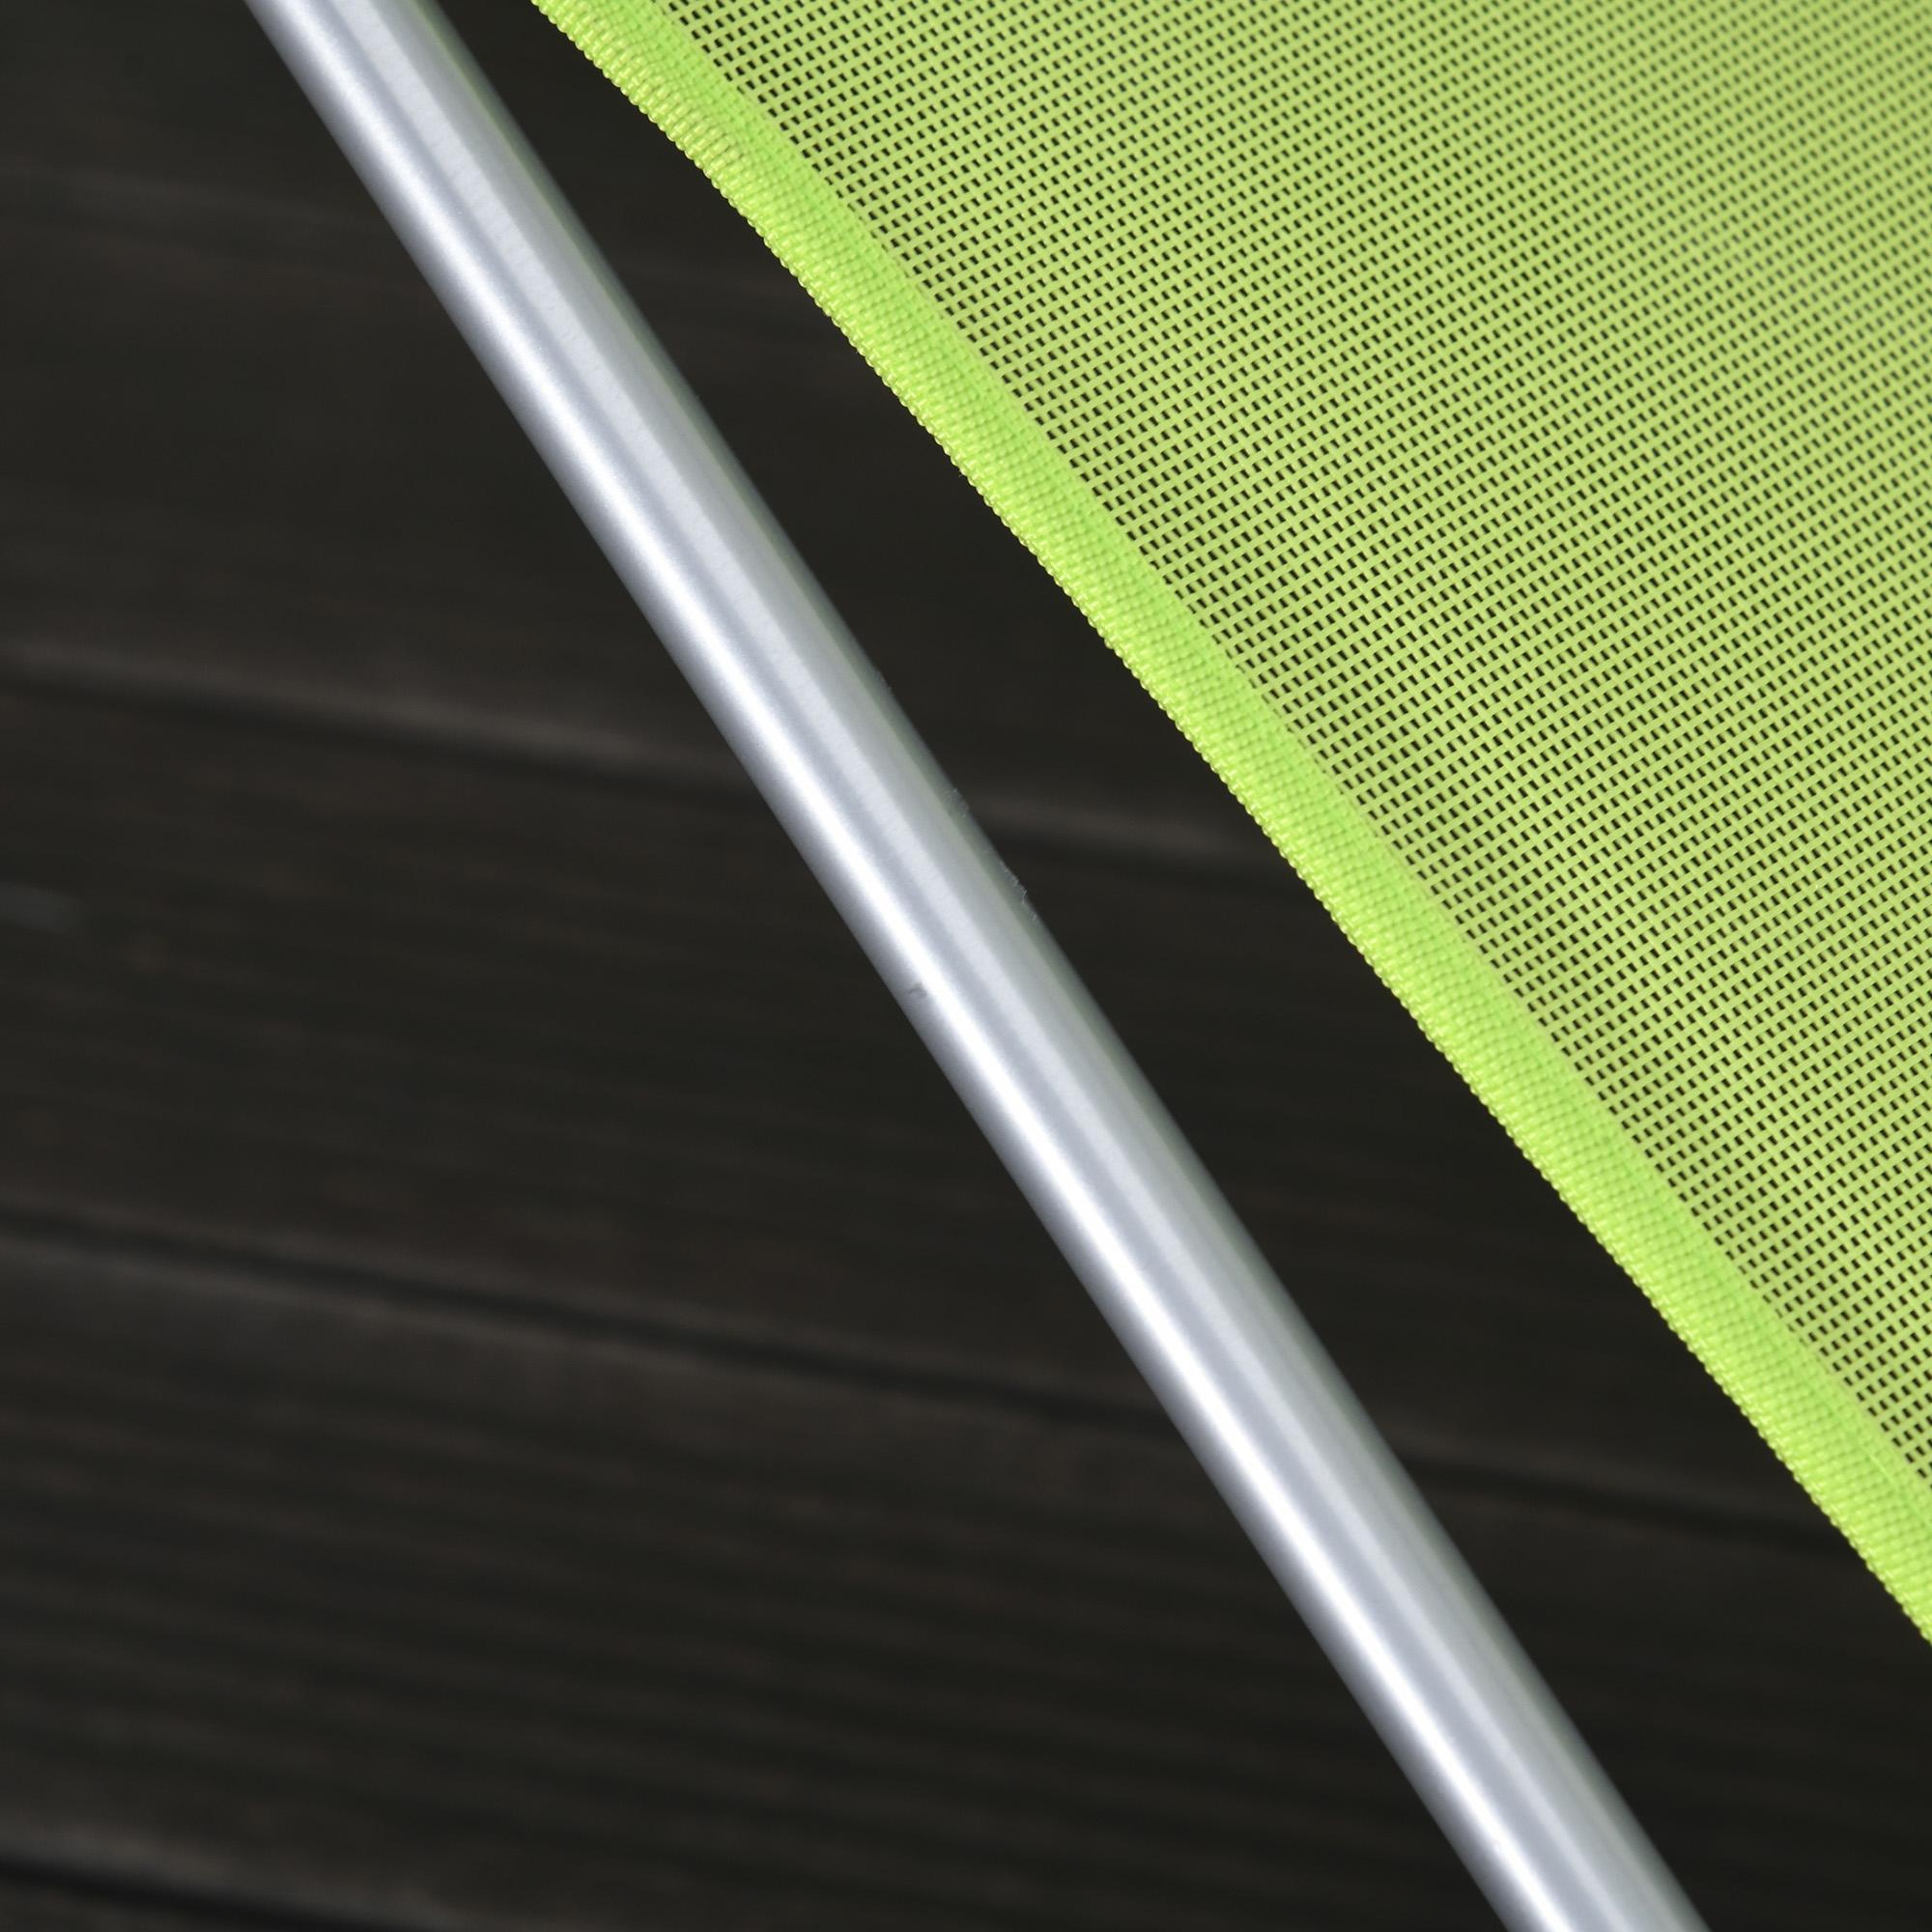 miniatura 37 - Tumbona Plegable y Reclinable con Reposacabezas y Respaldo Ajustable COLOR